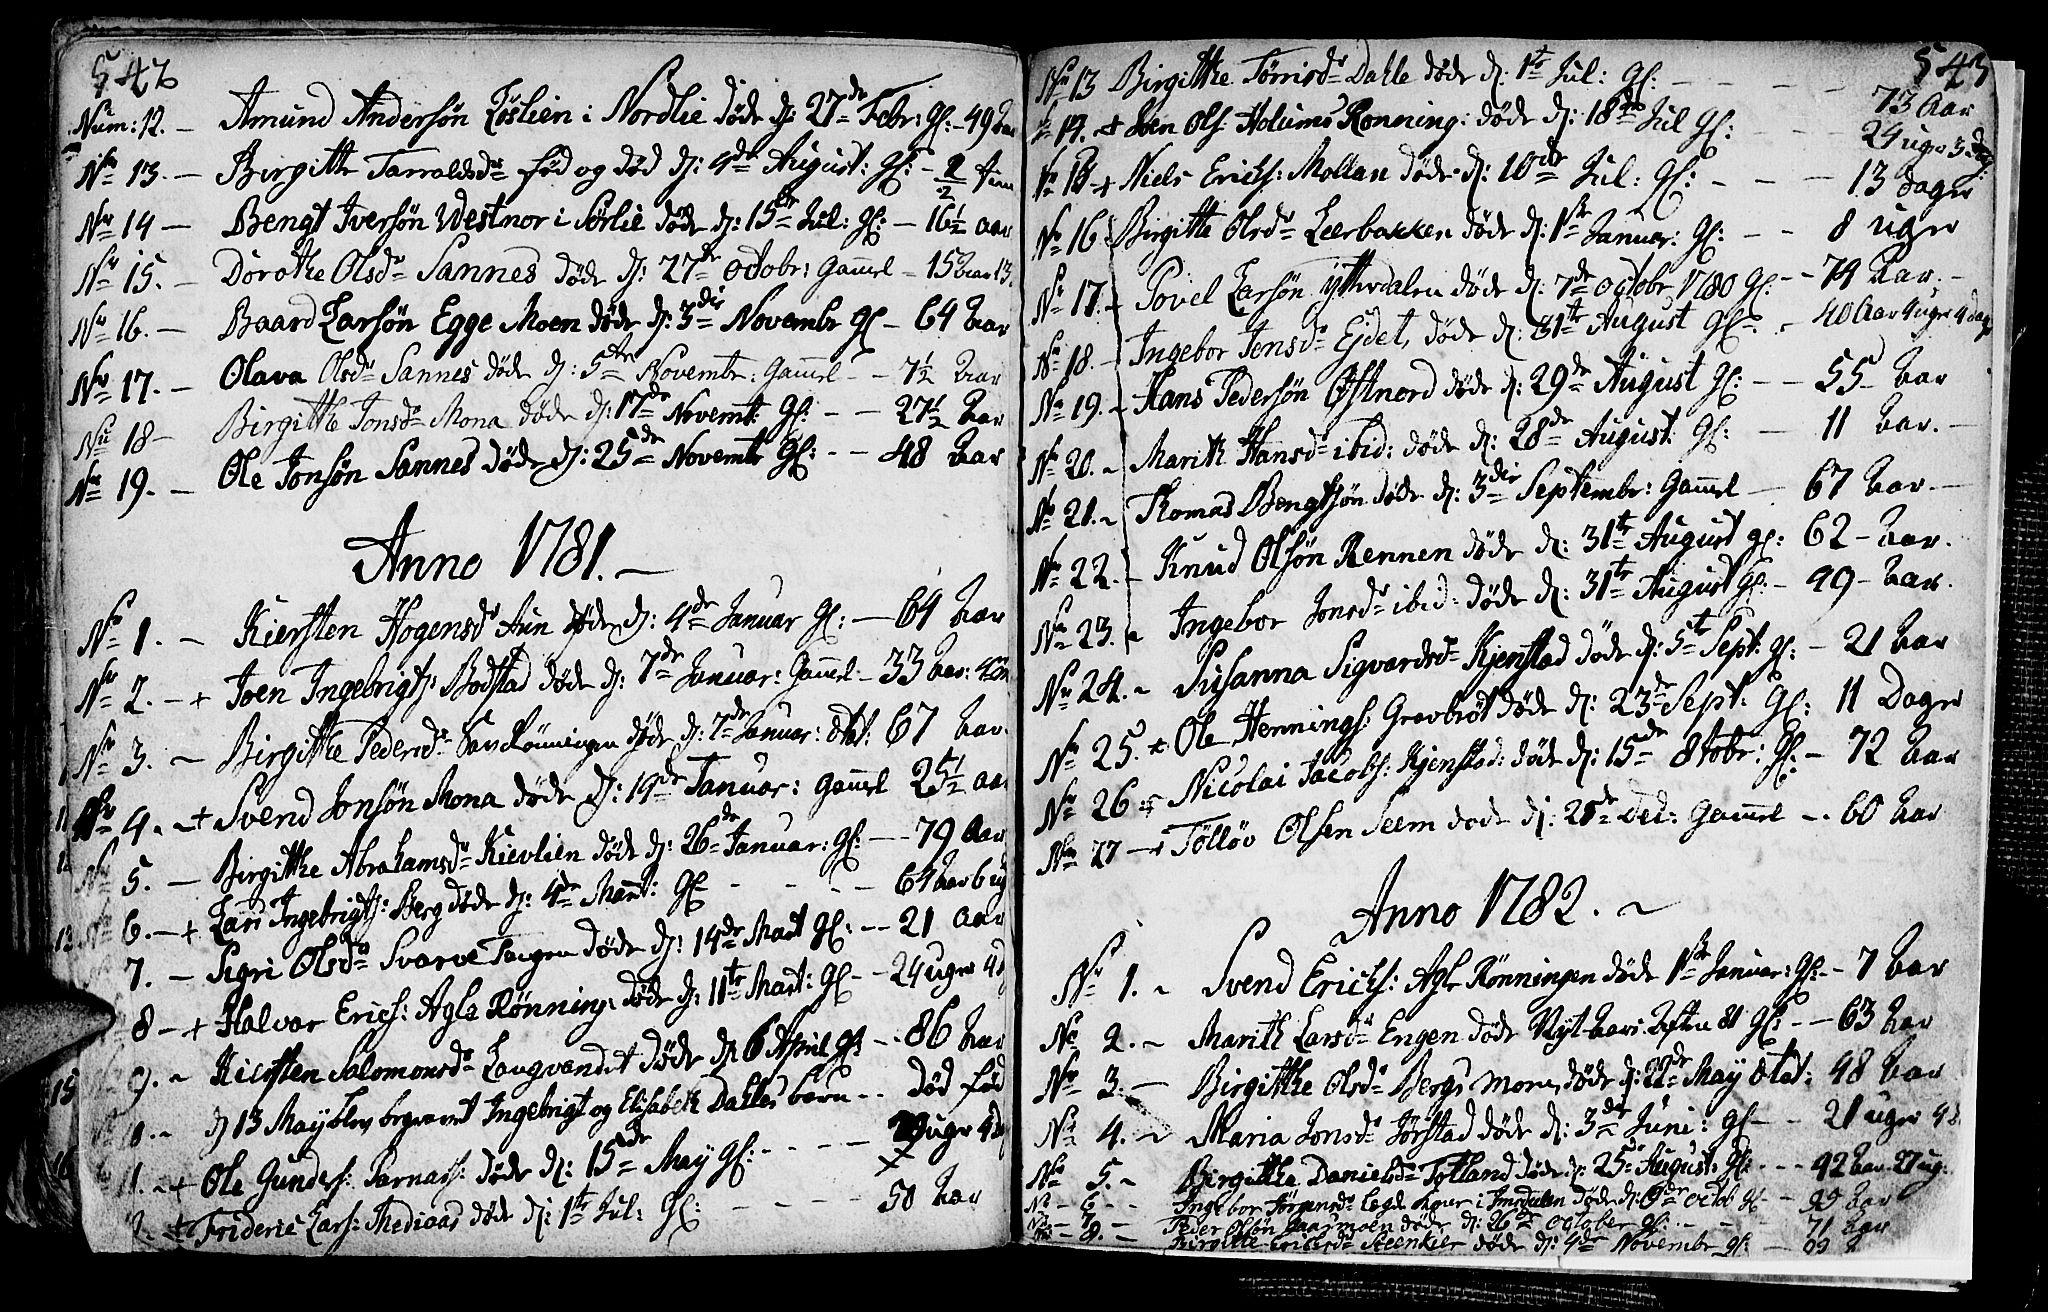 SAT, Ministerialprotokoller, klokkerbøker og fødselsregistre - Nord-Trøndelag, 749/L0467: Ministerialbok nr. 749A01, 1733-1787, s. 542-543